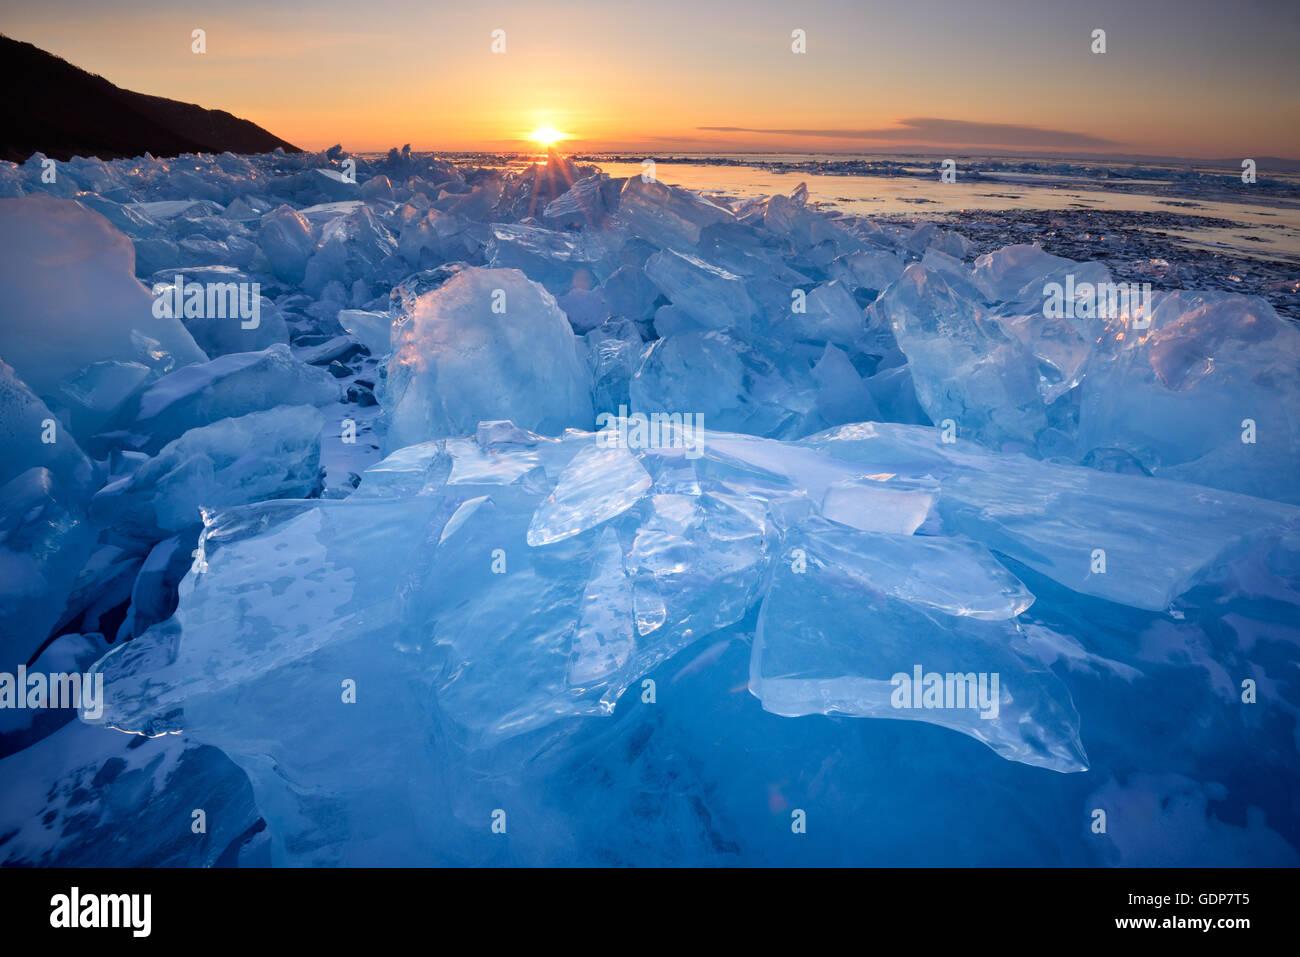 Glace empilée au coucher du soleil, le lac Baïkal, l'île Olkhon, Sibérie, Russie Photo Stock